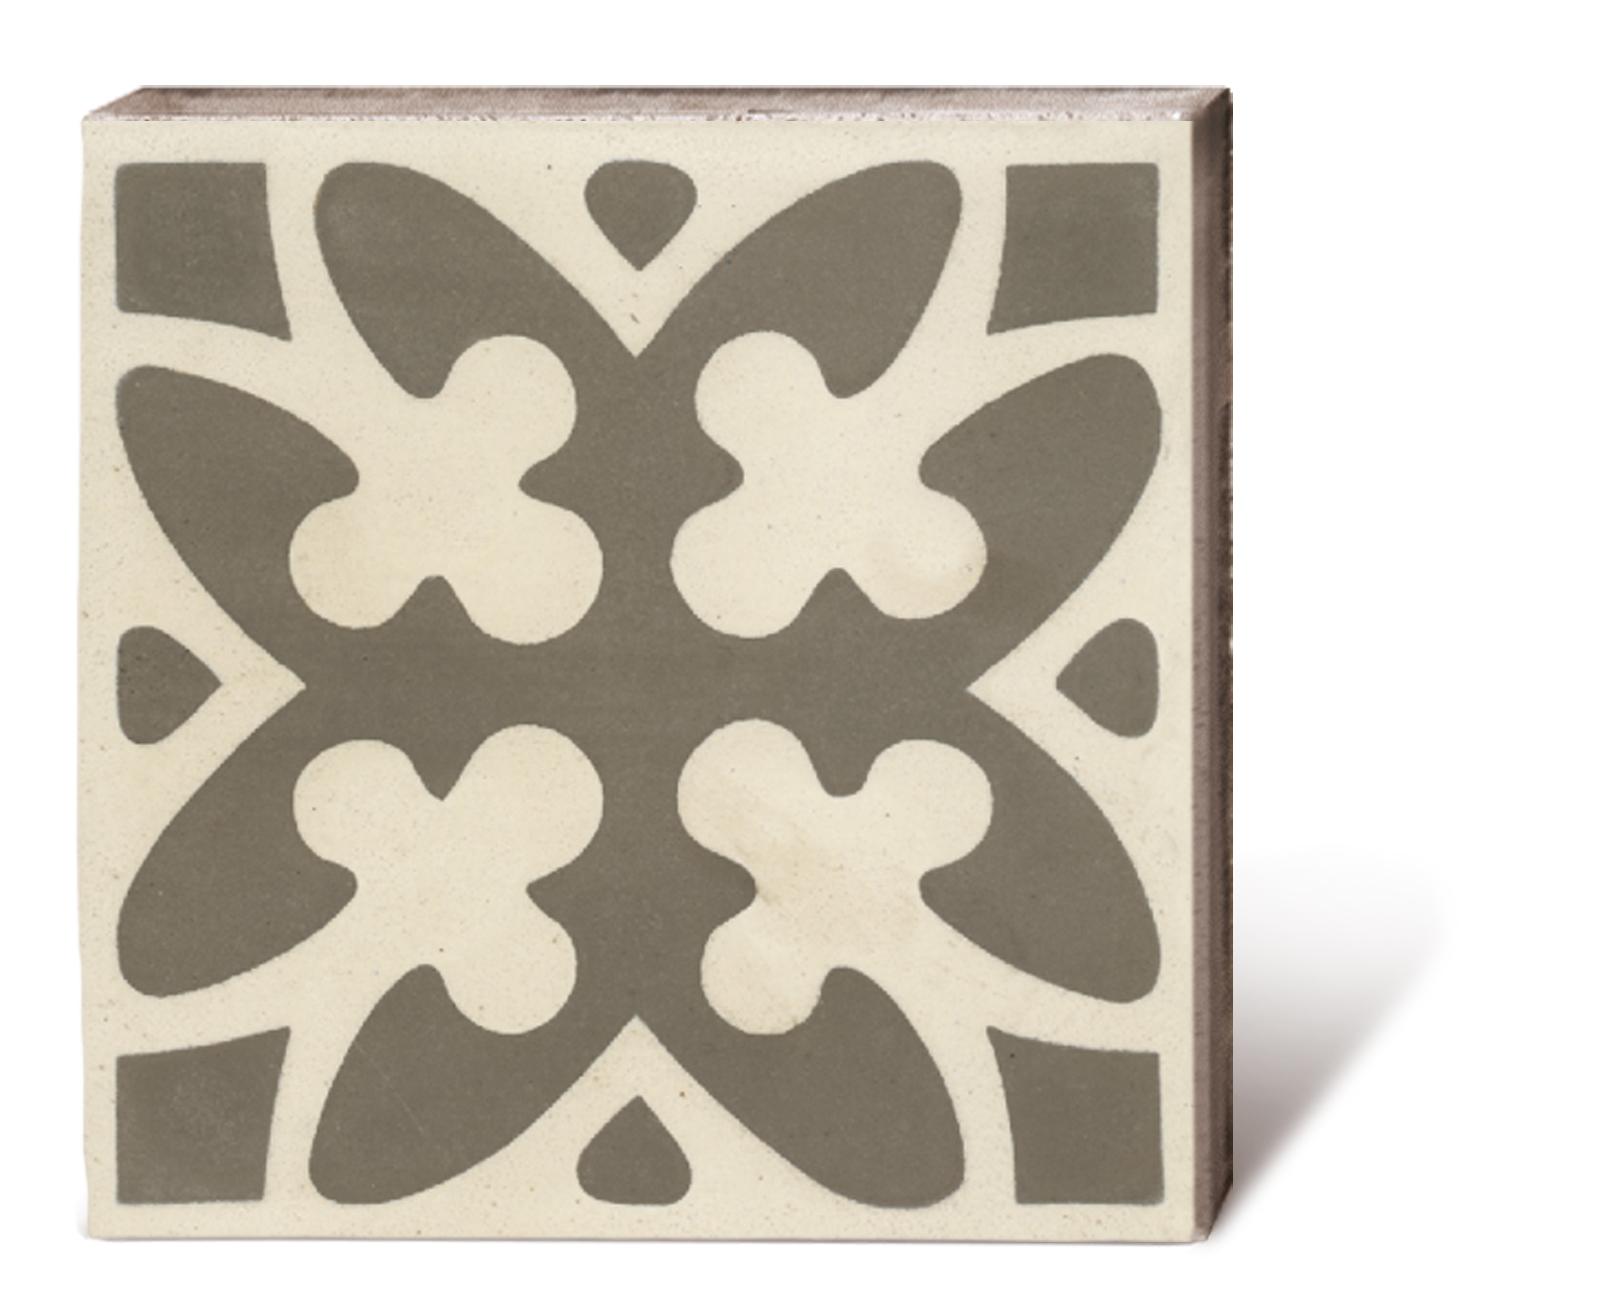 zementmosaikplatten-nr.51080-viaplatten